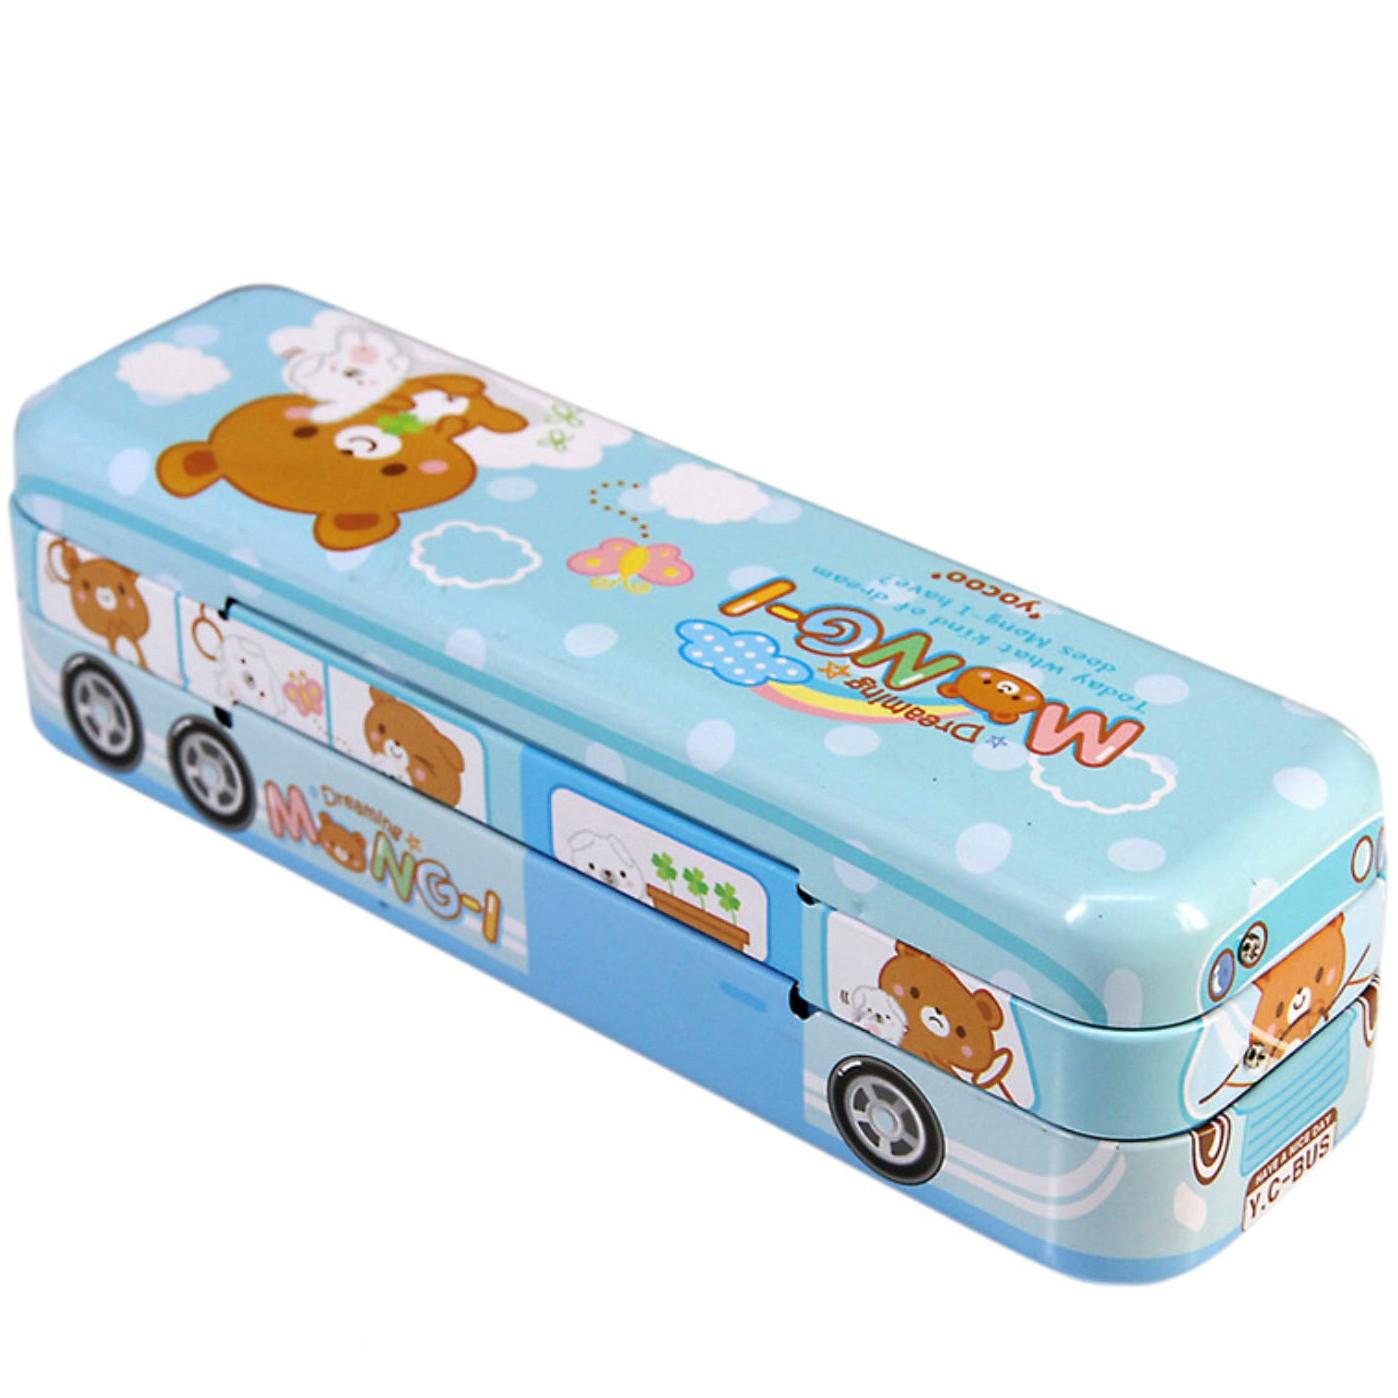 Hộp bút sắt Mongi hình xe Bus có dây cót 22x6x6cm